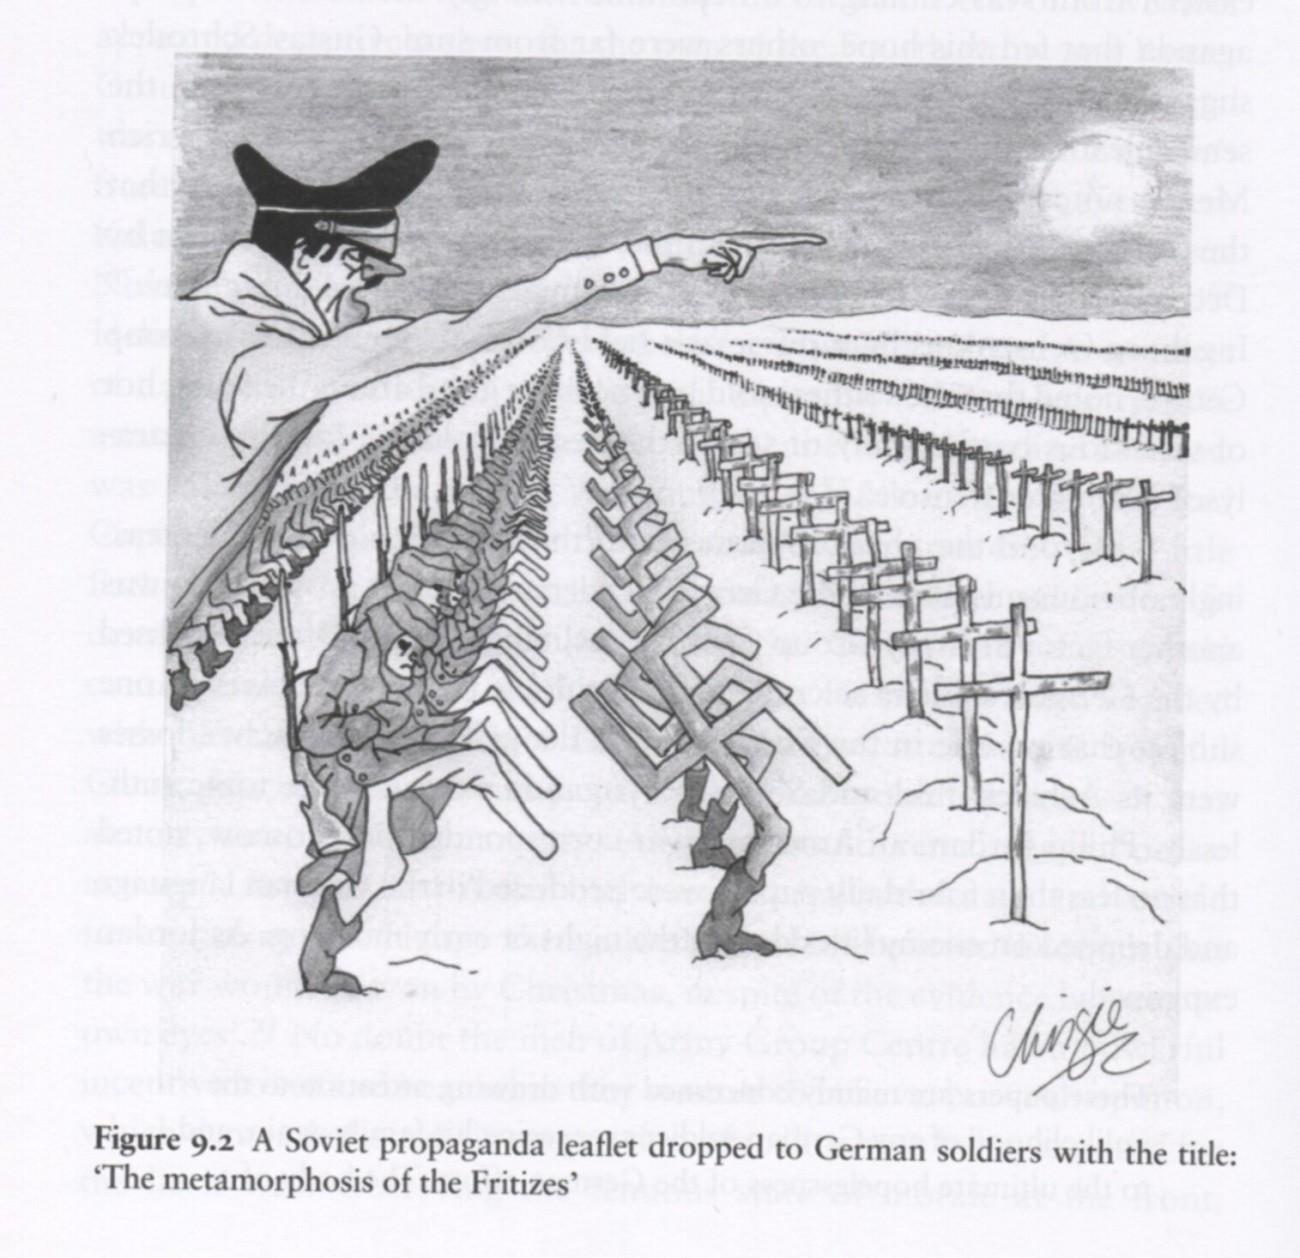 Совјетска карикатура офанзиве немачких војника на Москву.